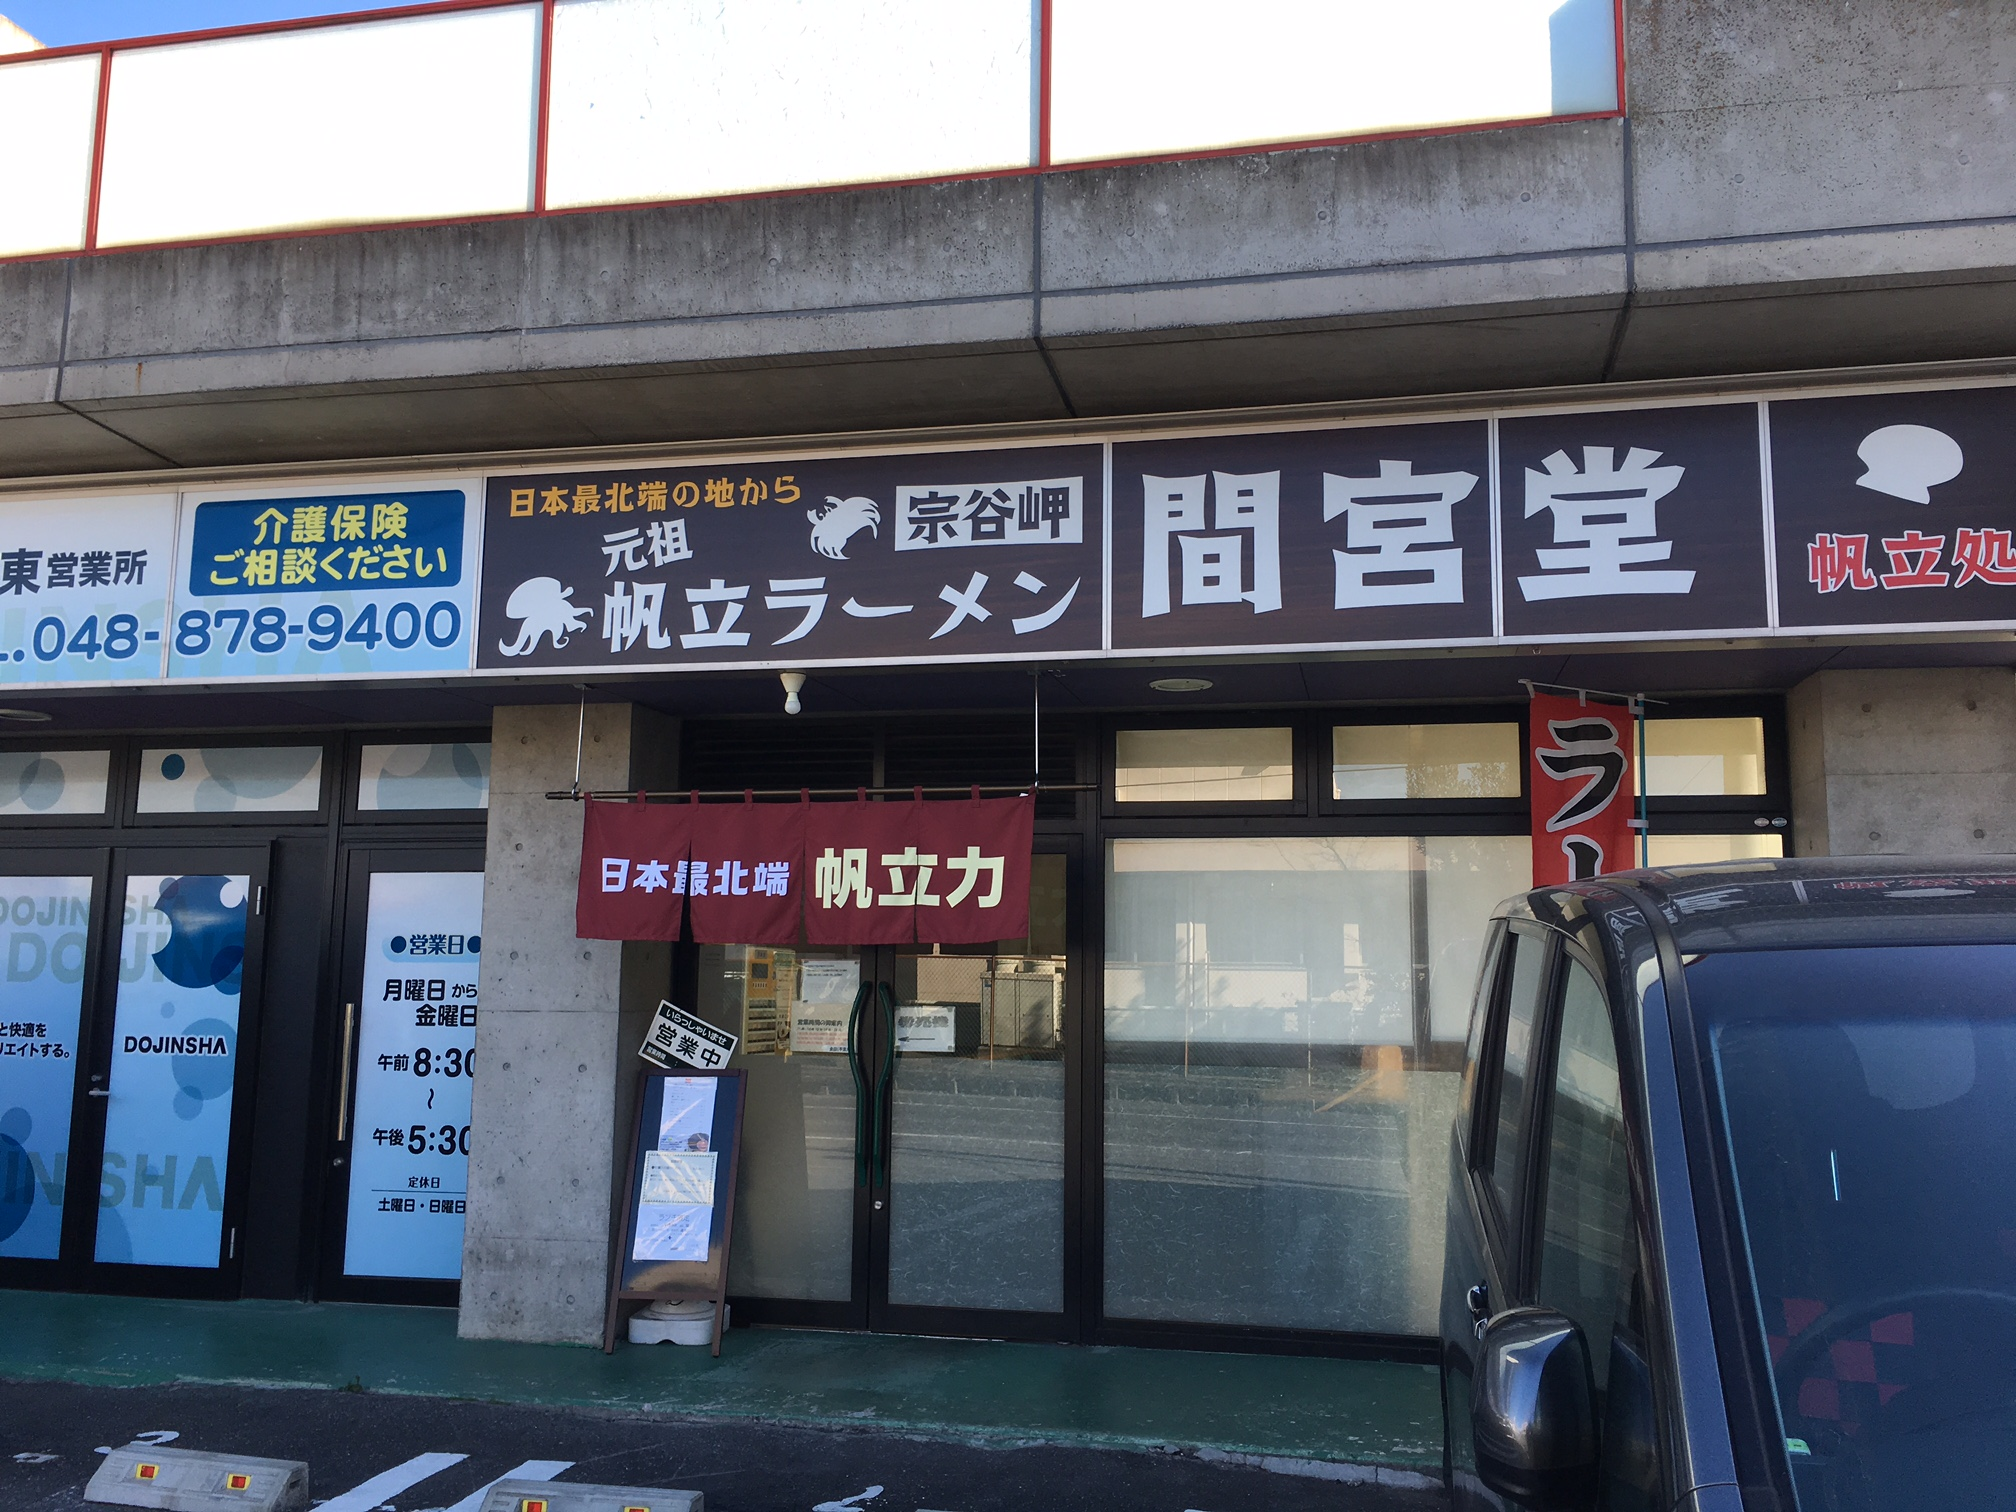 宗谷岬間宮堂 (埼玉県春日部市、ラーメン)